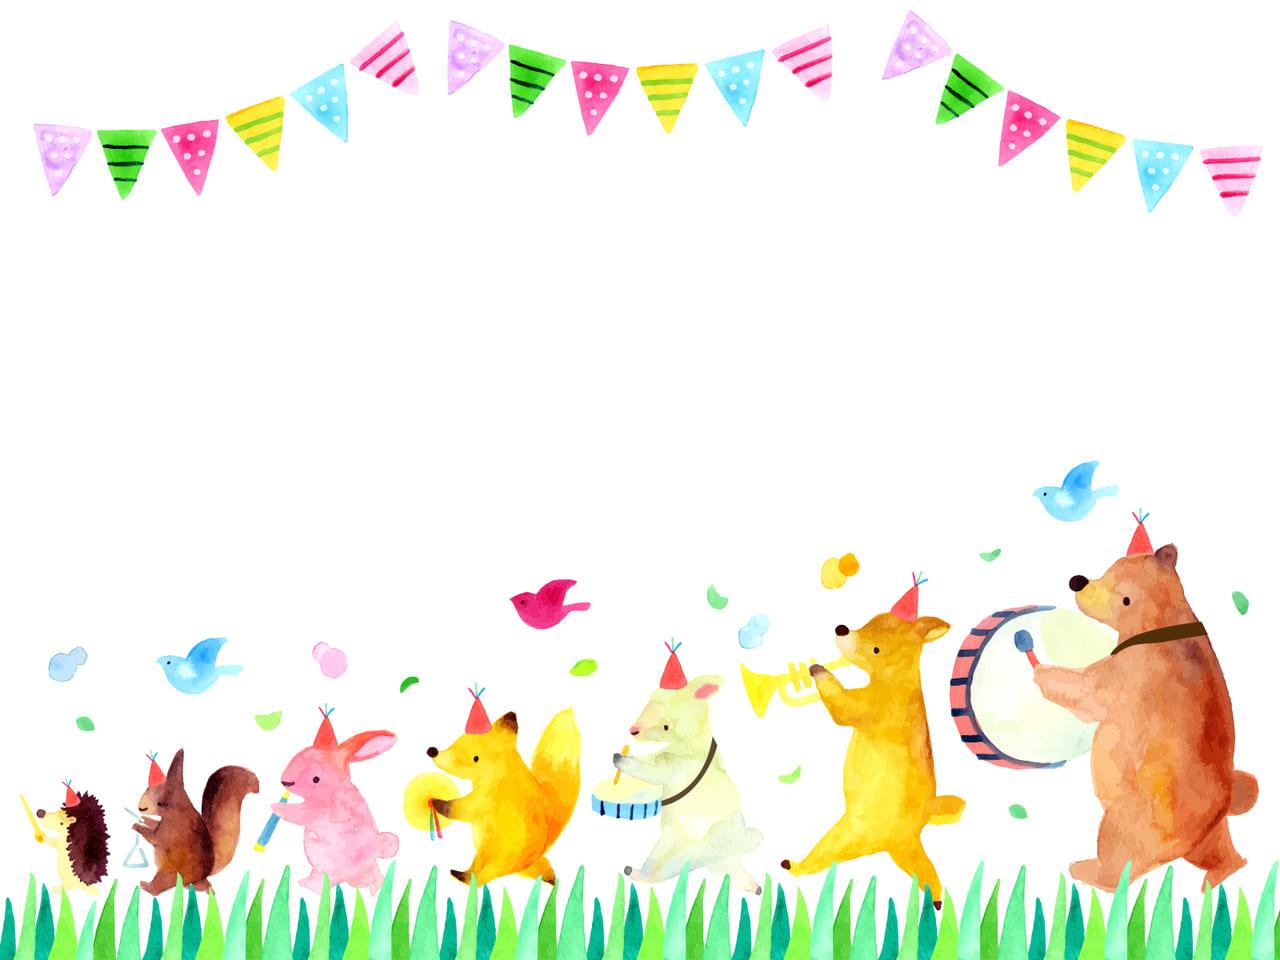 ウサギとキツネと犬の音楽隊